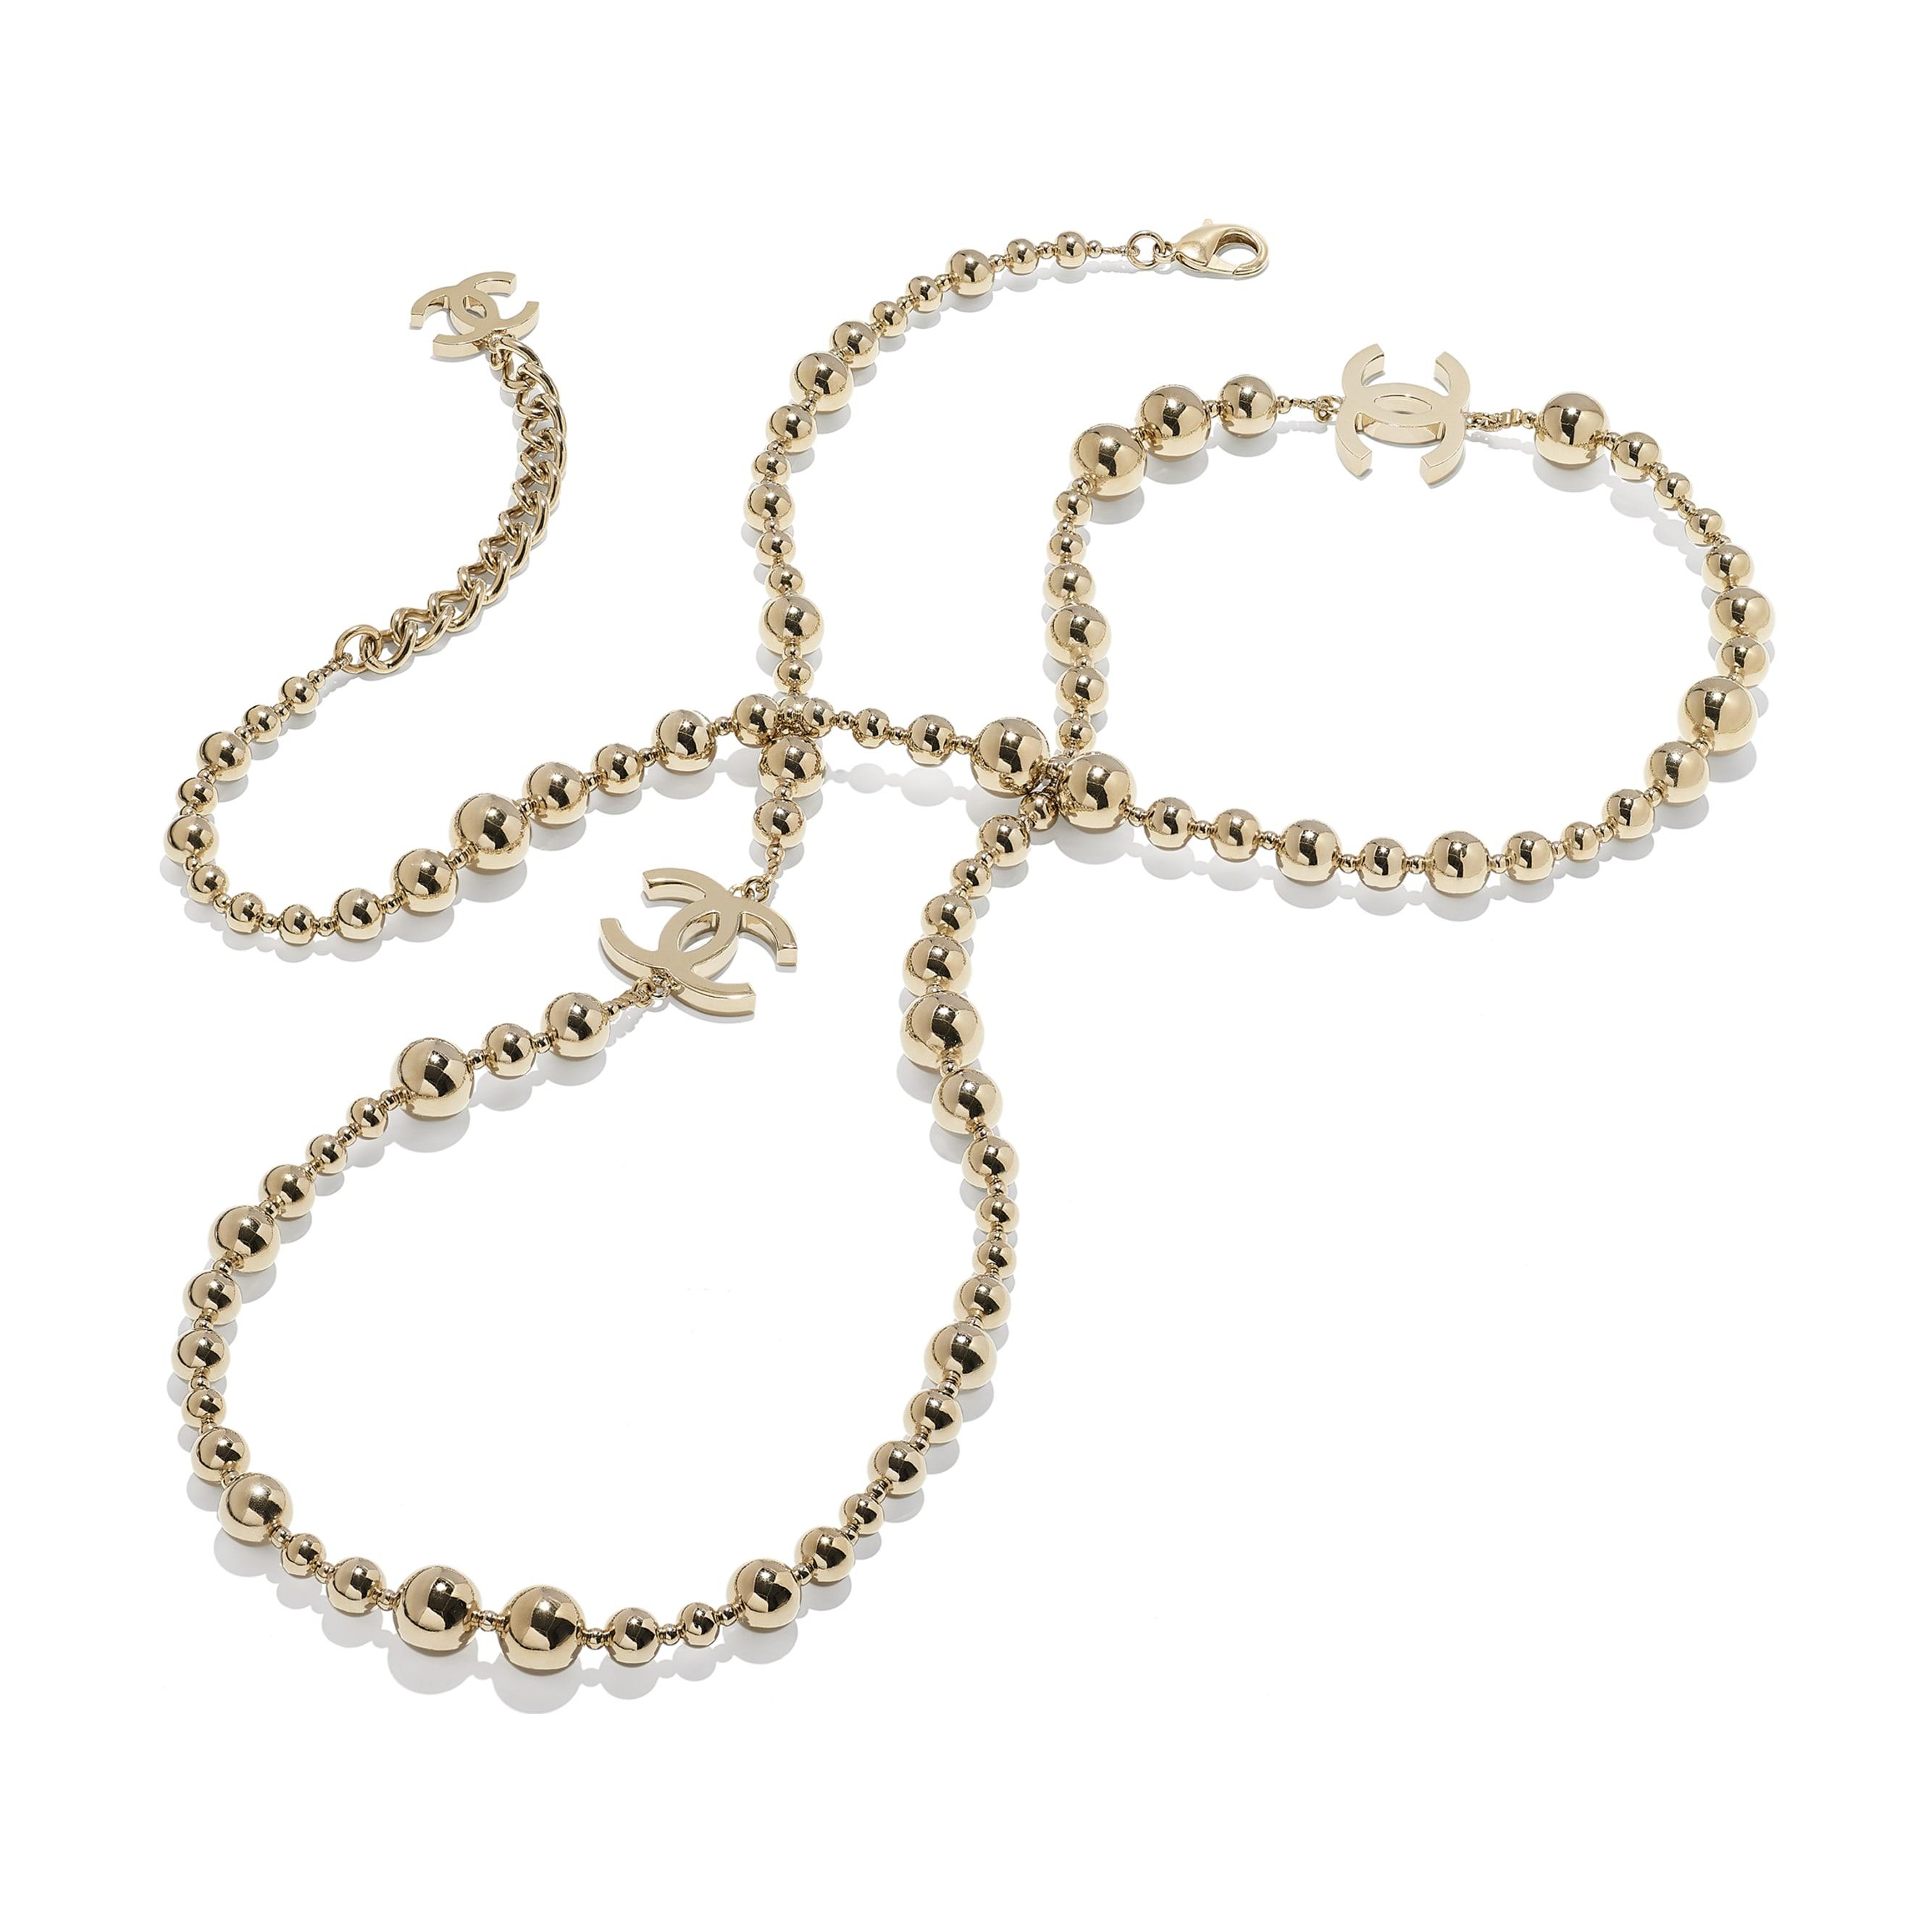 Lange Halskette - Goldfarben - Metall - CHANEL - Alternative Ansicht - Standardgröße anzeigen